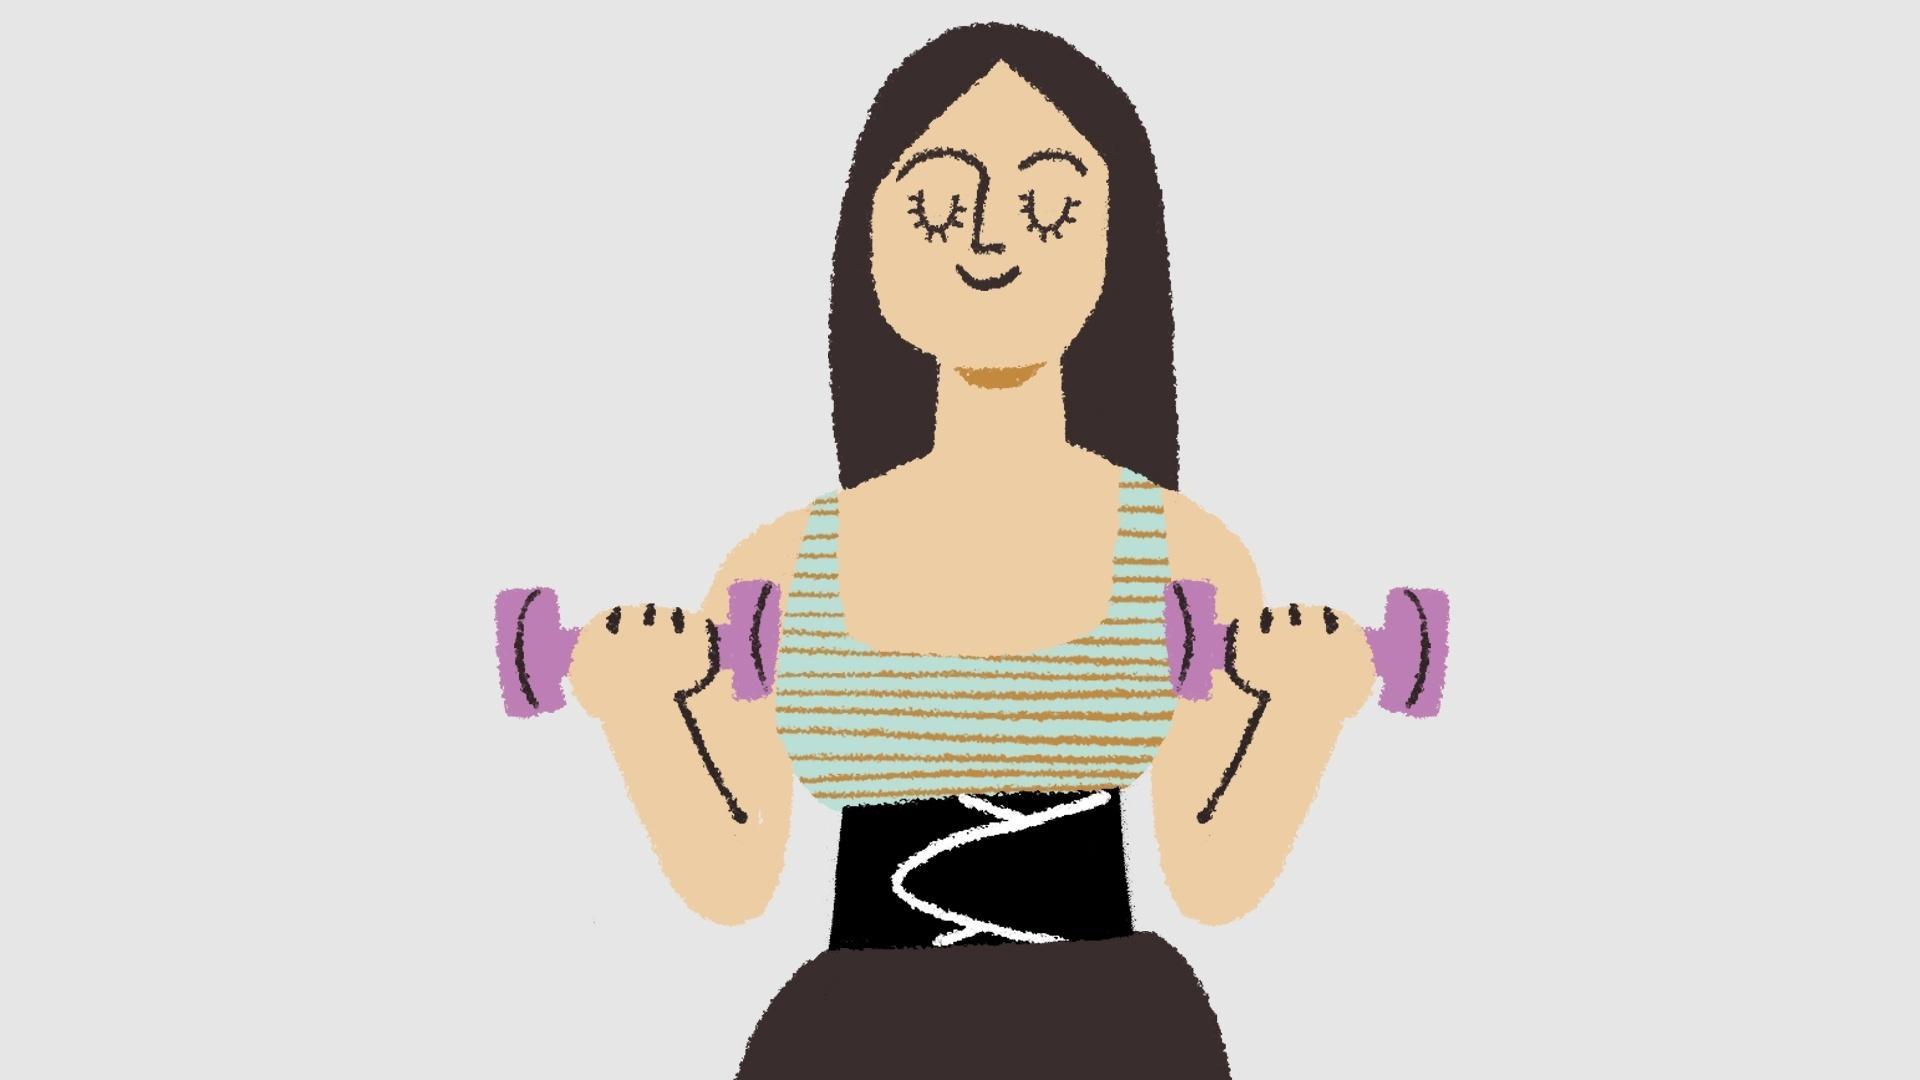 199b00457 Malhar com cinta modeladora aumenta a performance e ajuda a perder gordura   - 13 12 2017 - UOL VivaBem